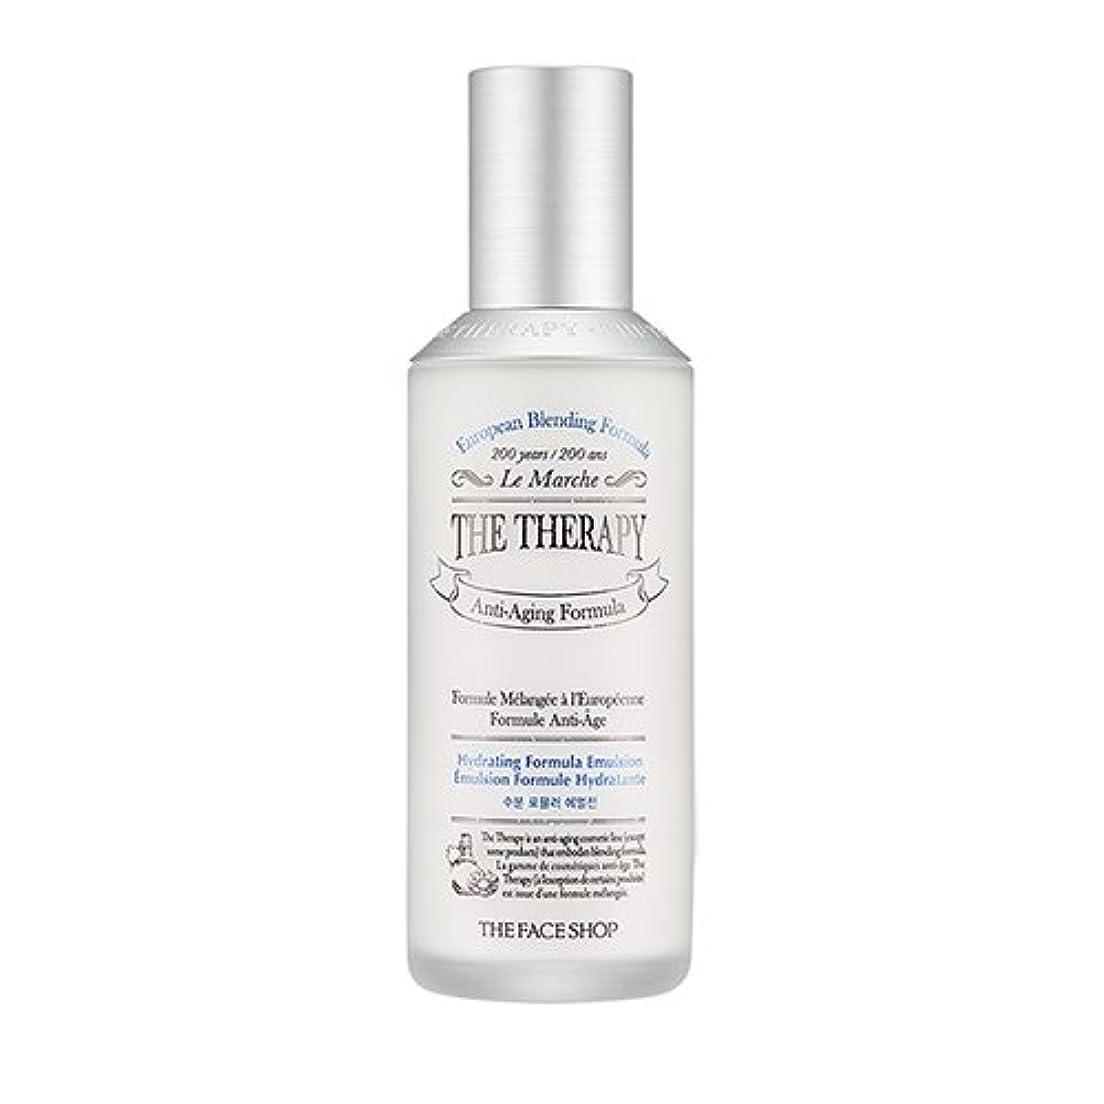 スタウト程度オゾンTHE FACE SHOP The Therapy Hydrating Formula Emulsion 130ml/ザフェイスショップ ザ セラピー ハイドレーティング フォーミュラ エマルジョン 130ml